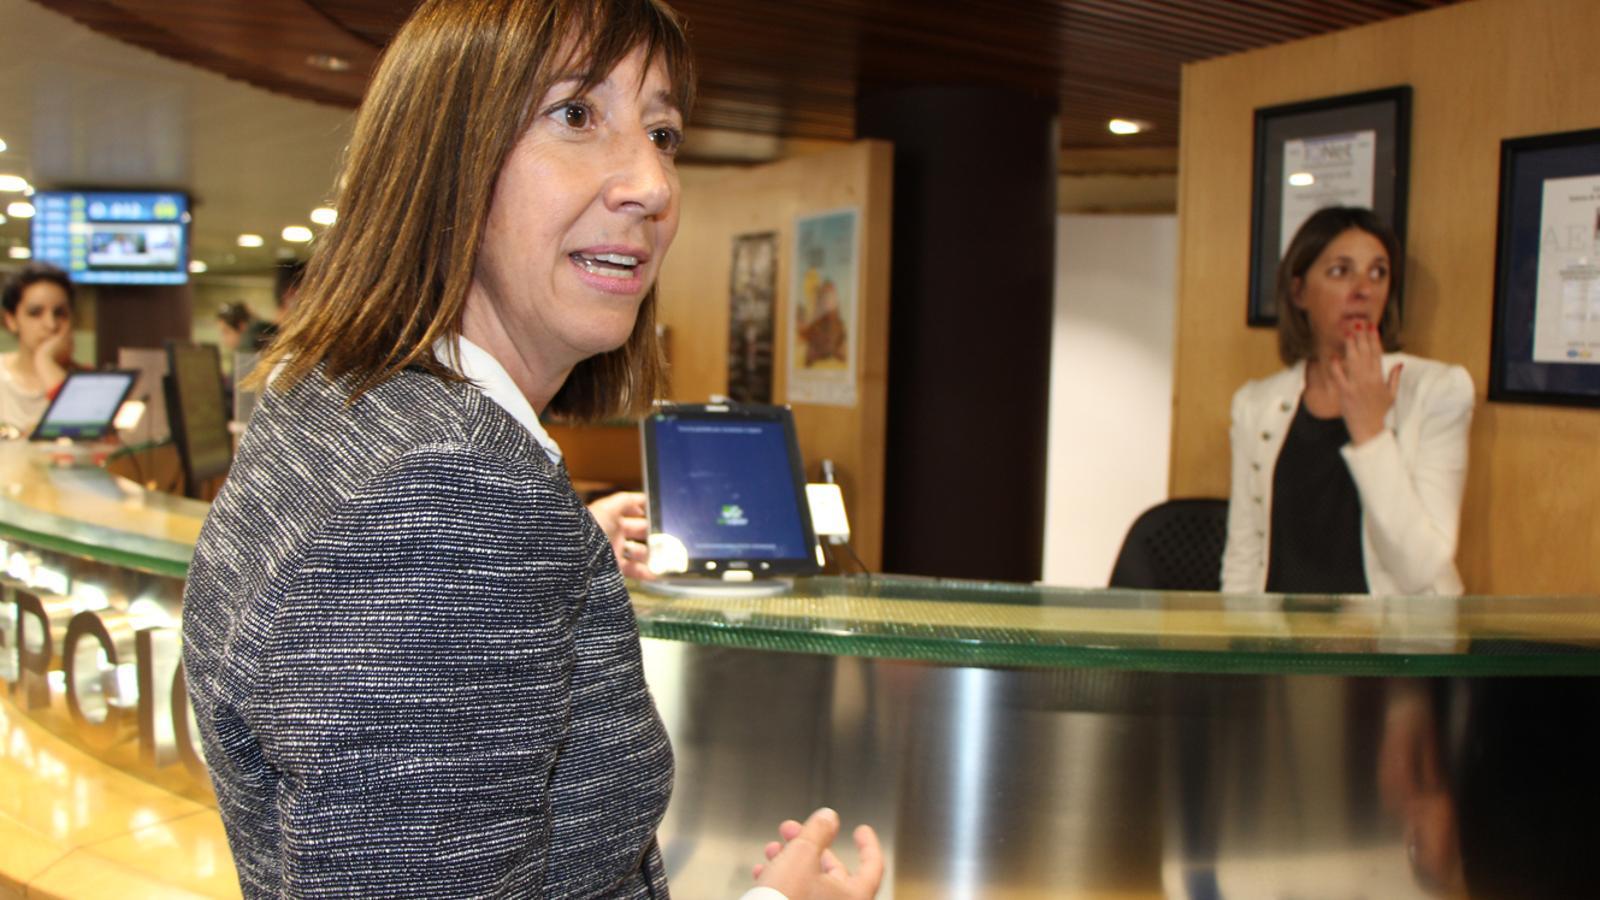 La ministra de Funció Pública i Reforma de l'Administració, Eva Descarrega, aquest dijous. / E. J. M. (ANA)